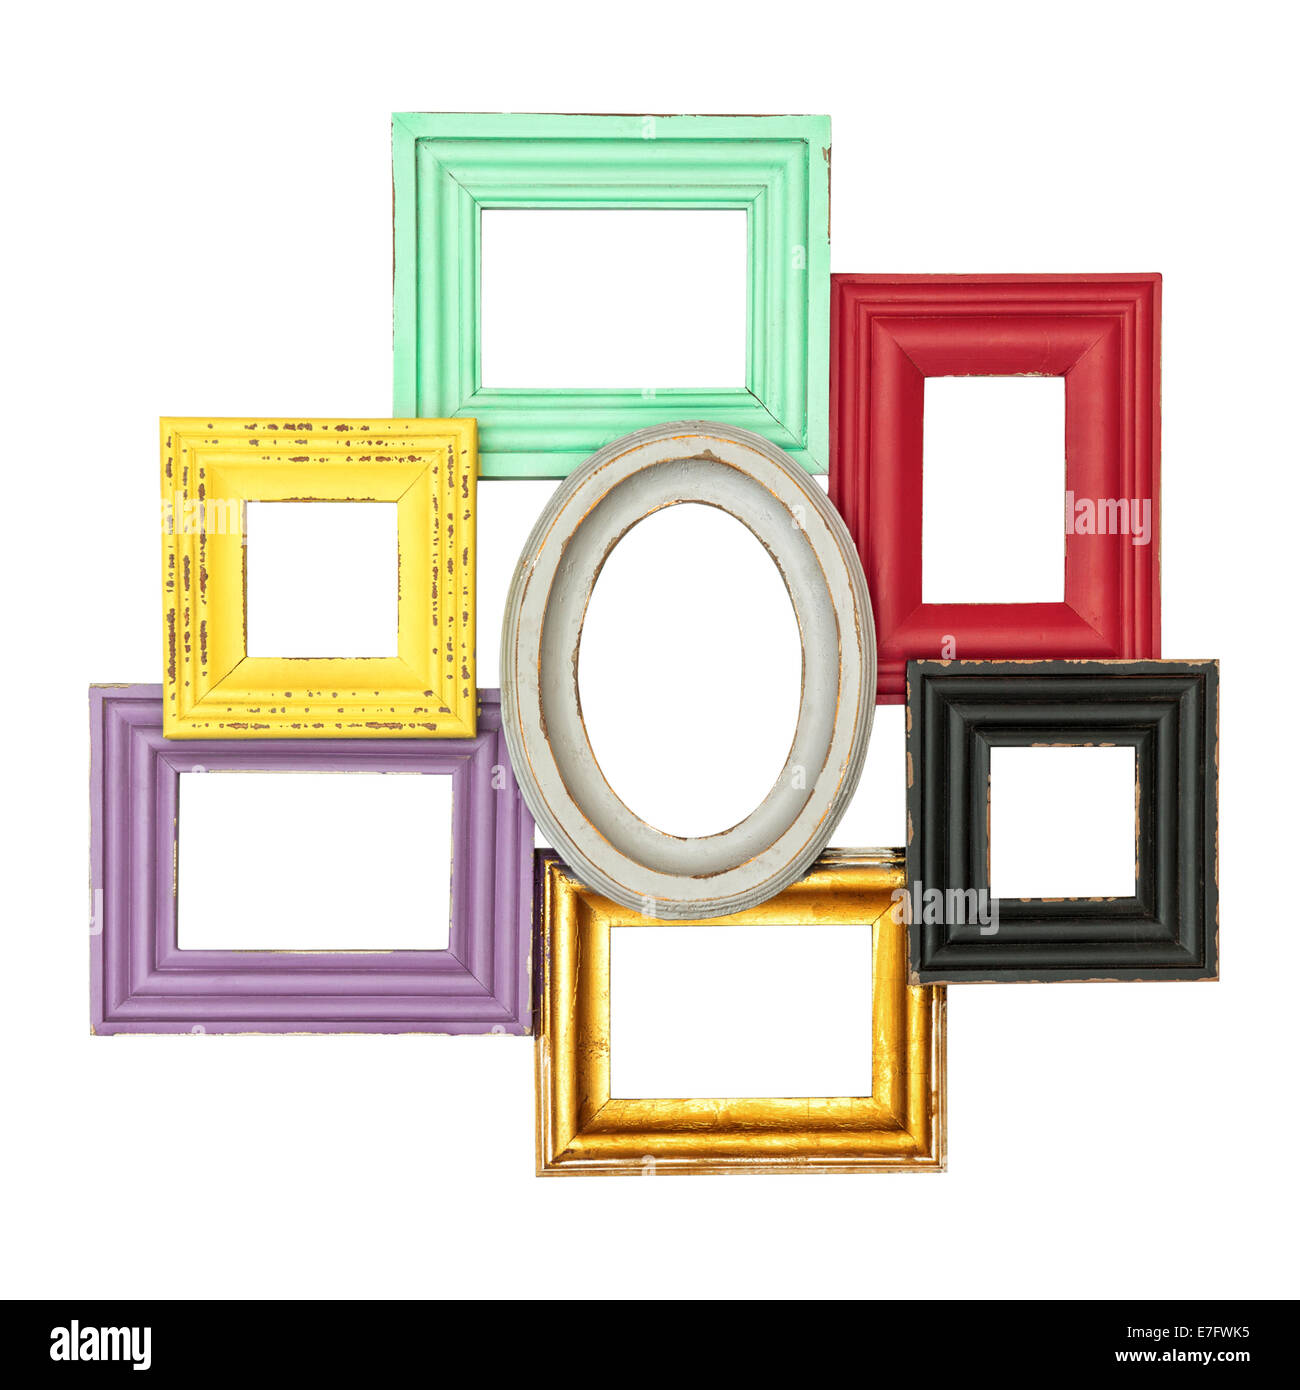 Vintage-Stil mehrfarbigen Rahmen für Ihr Foto und Bild. Shabby chic ...